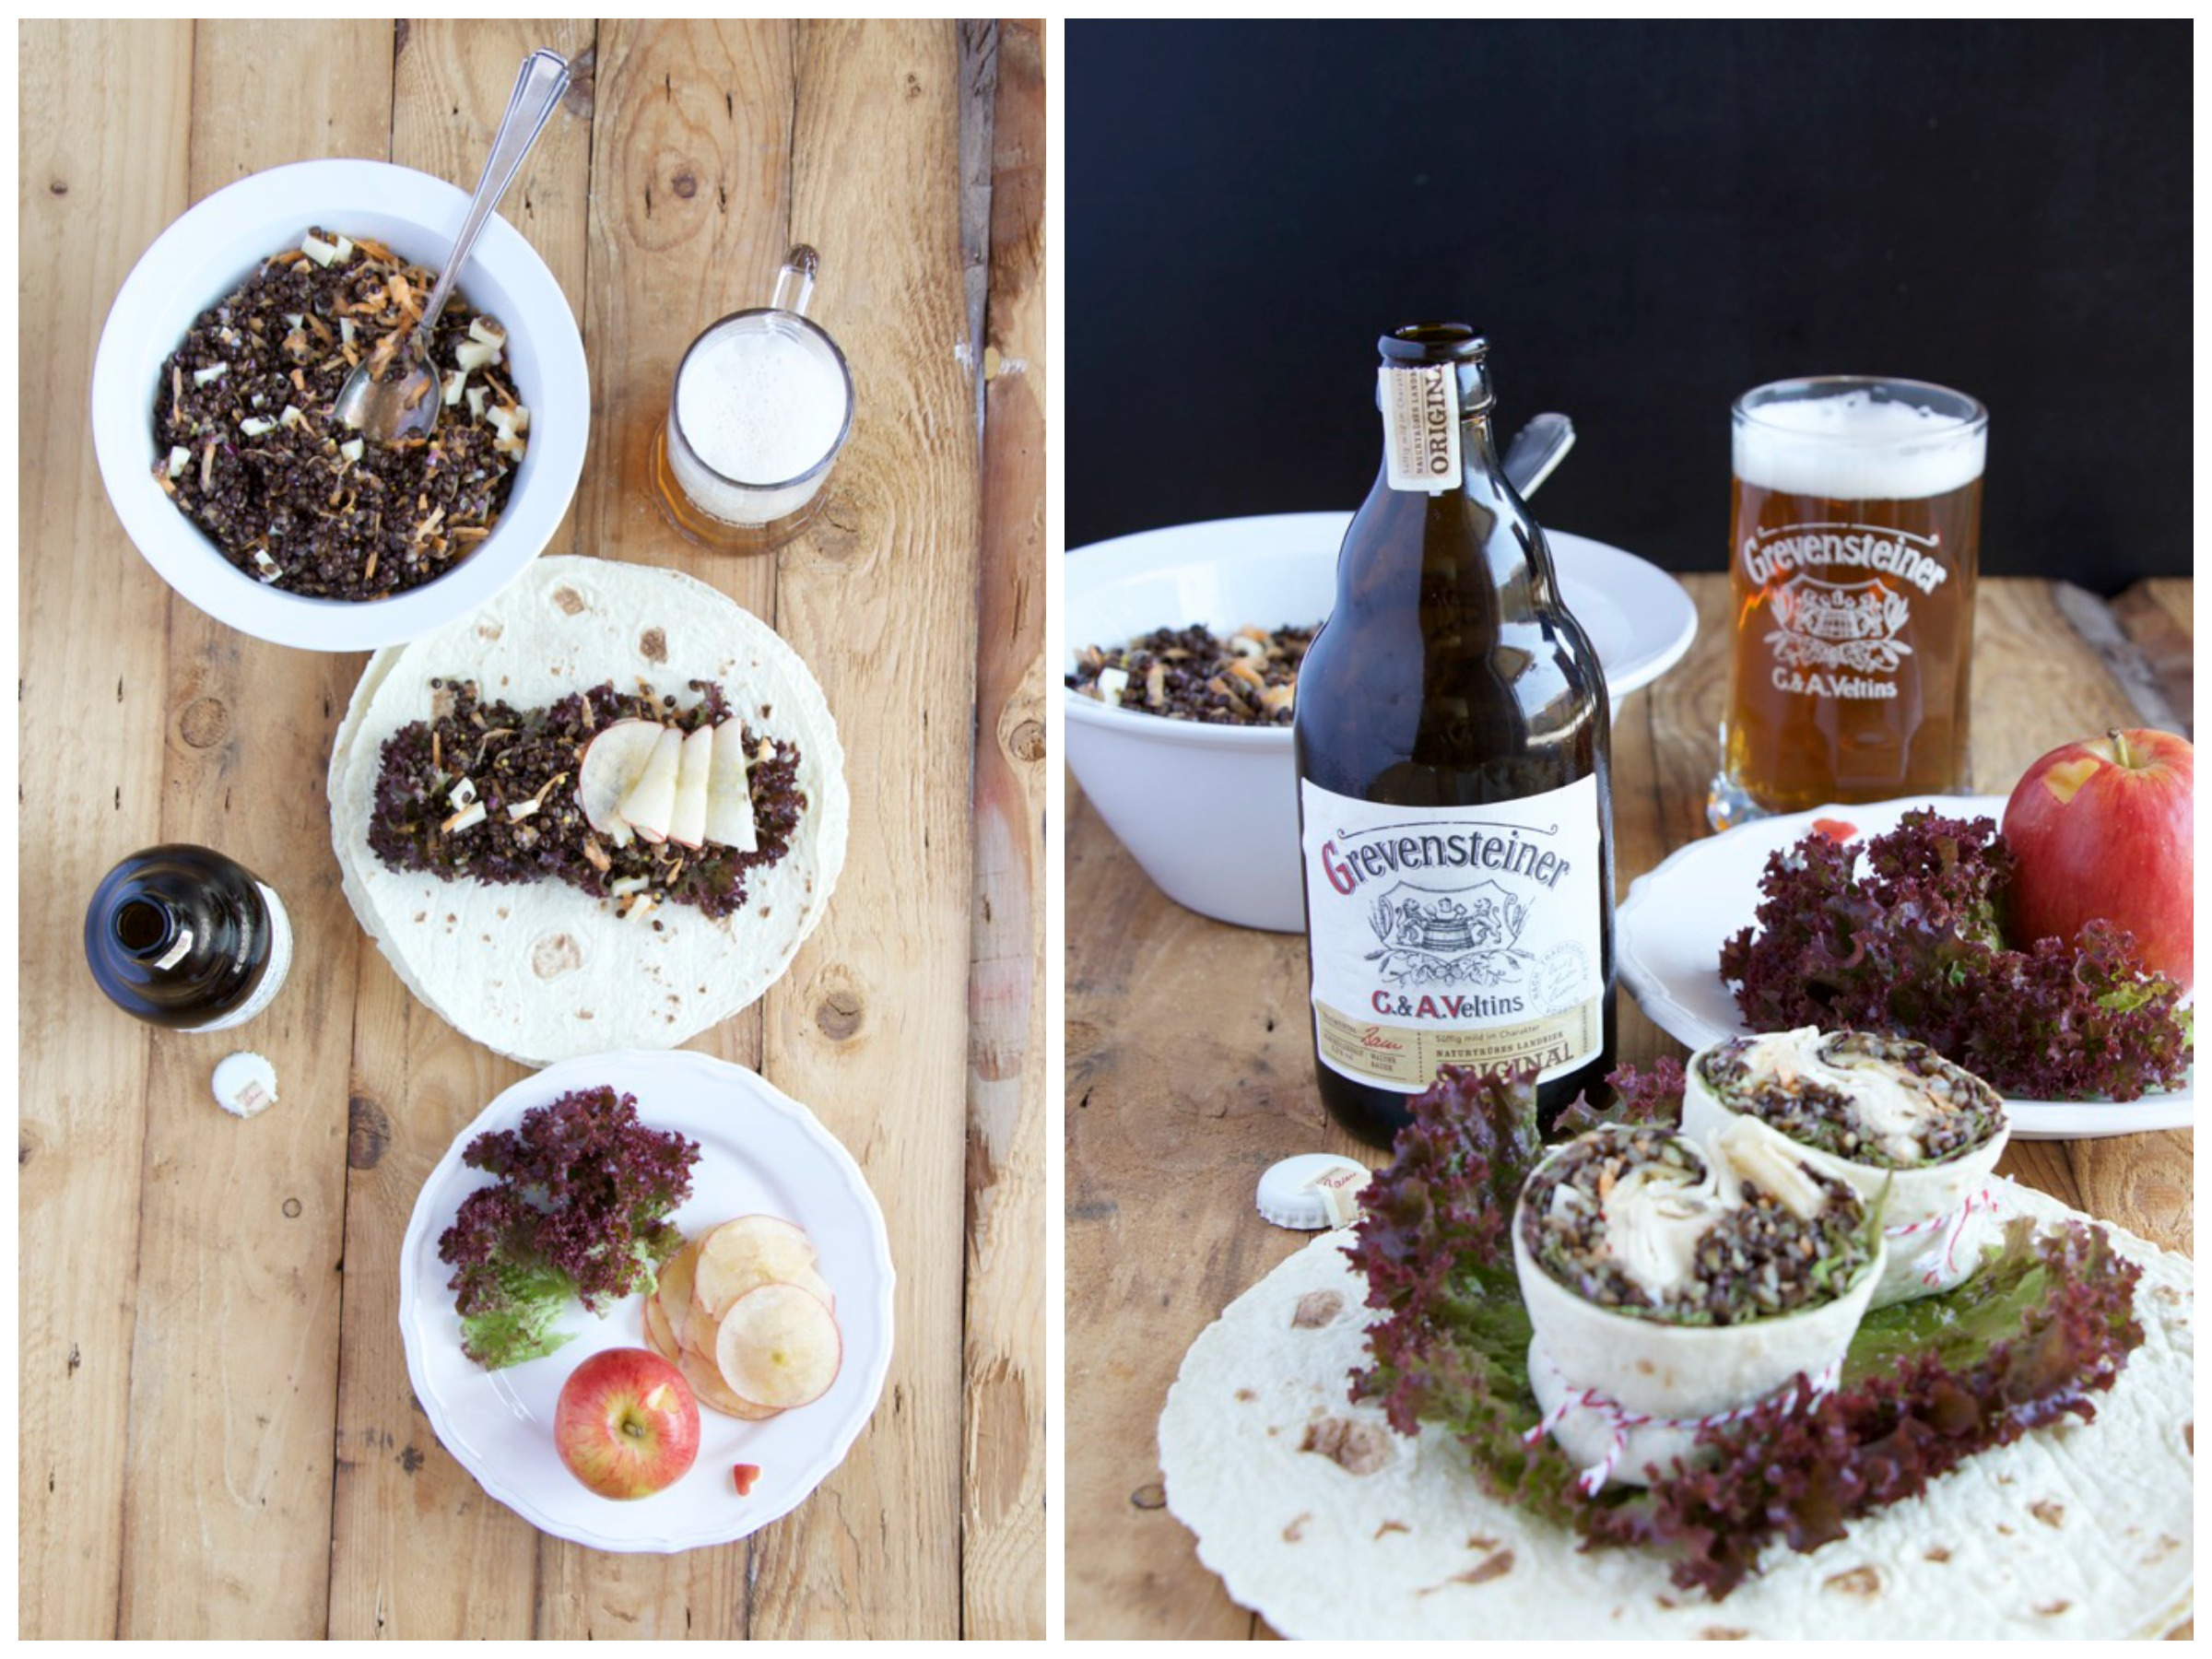 Wrap mit schwarzen Linsen, hauchdünnen Apfelscheiben, Eichblattsalat, gehobelte Möhren, Bergkäse und Apfelessig-Bier-Vinaigrette